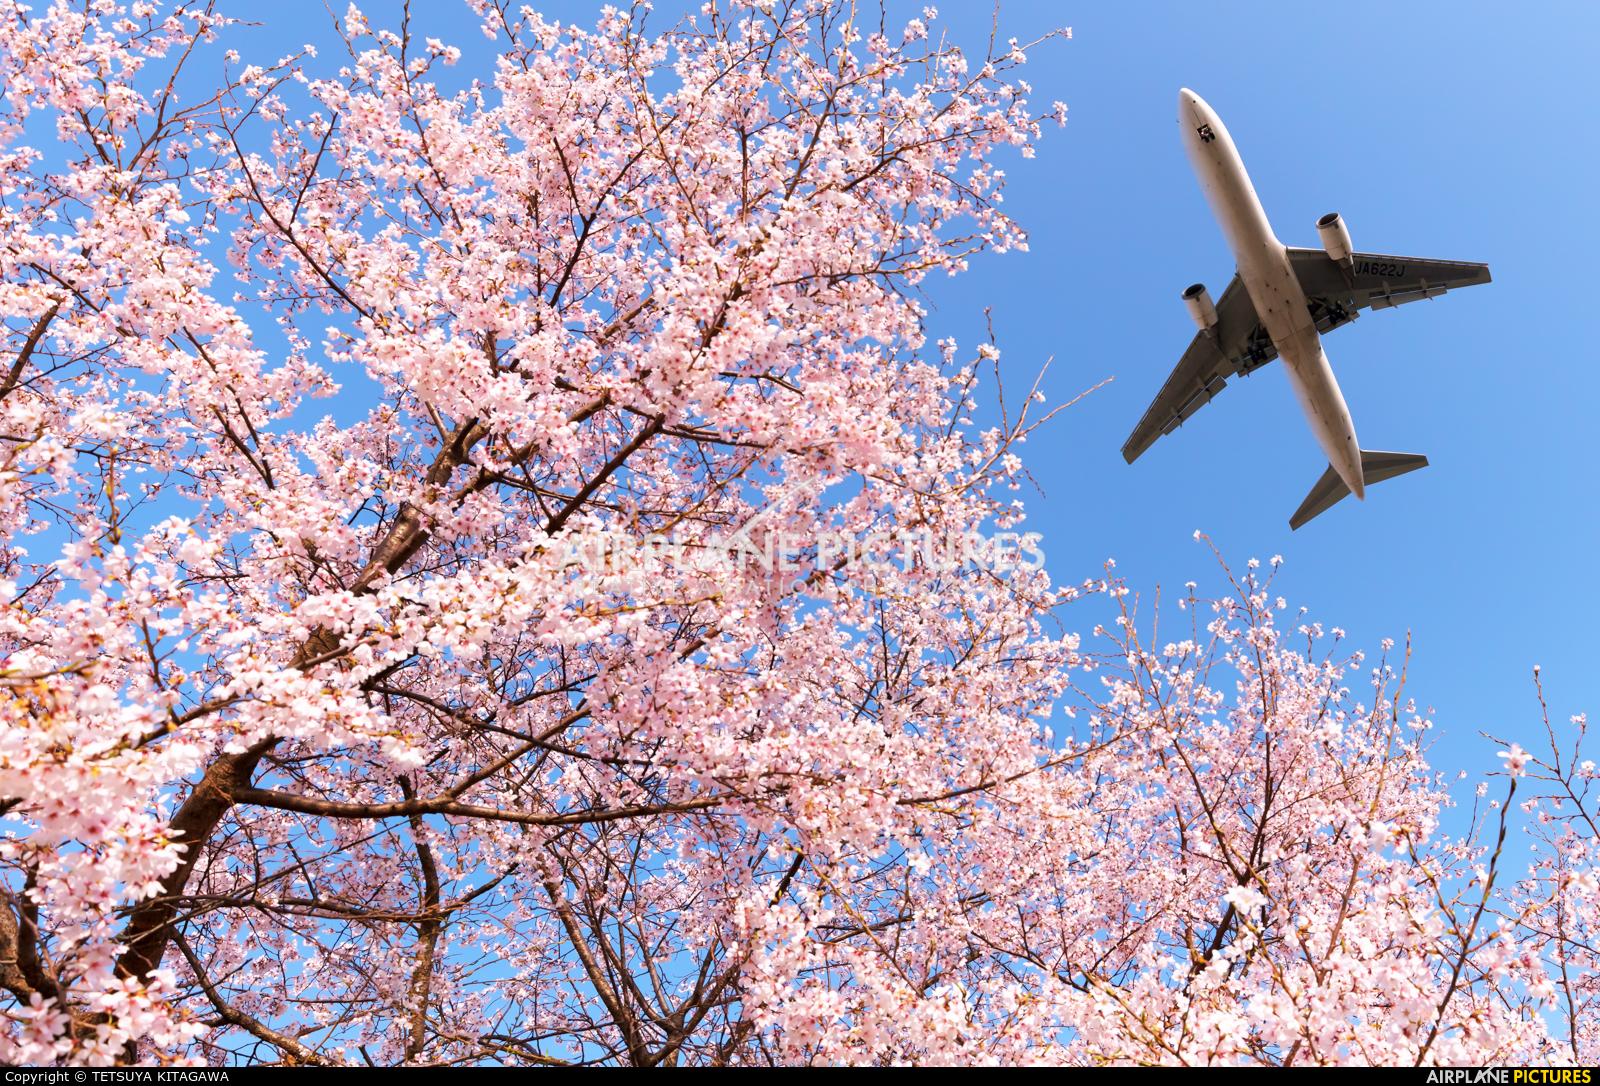 JAL - Japan Airlines JA622J aircraft at Osaka - Itami Intl